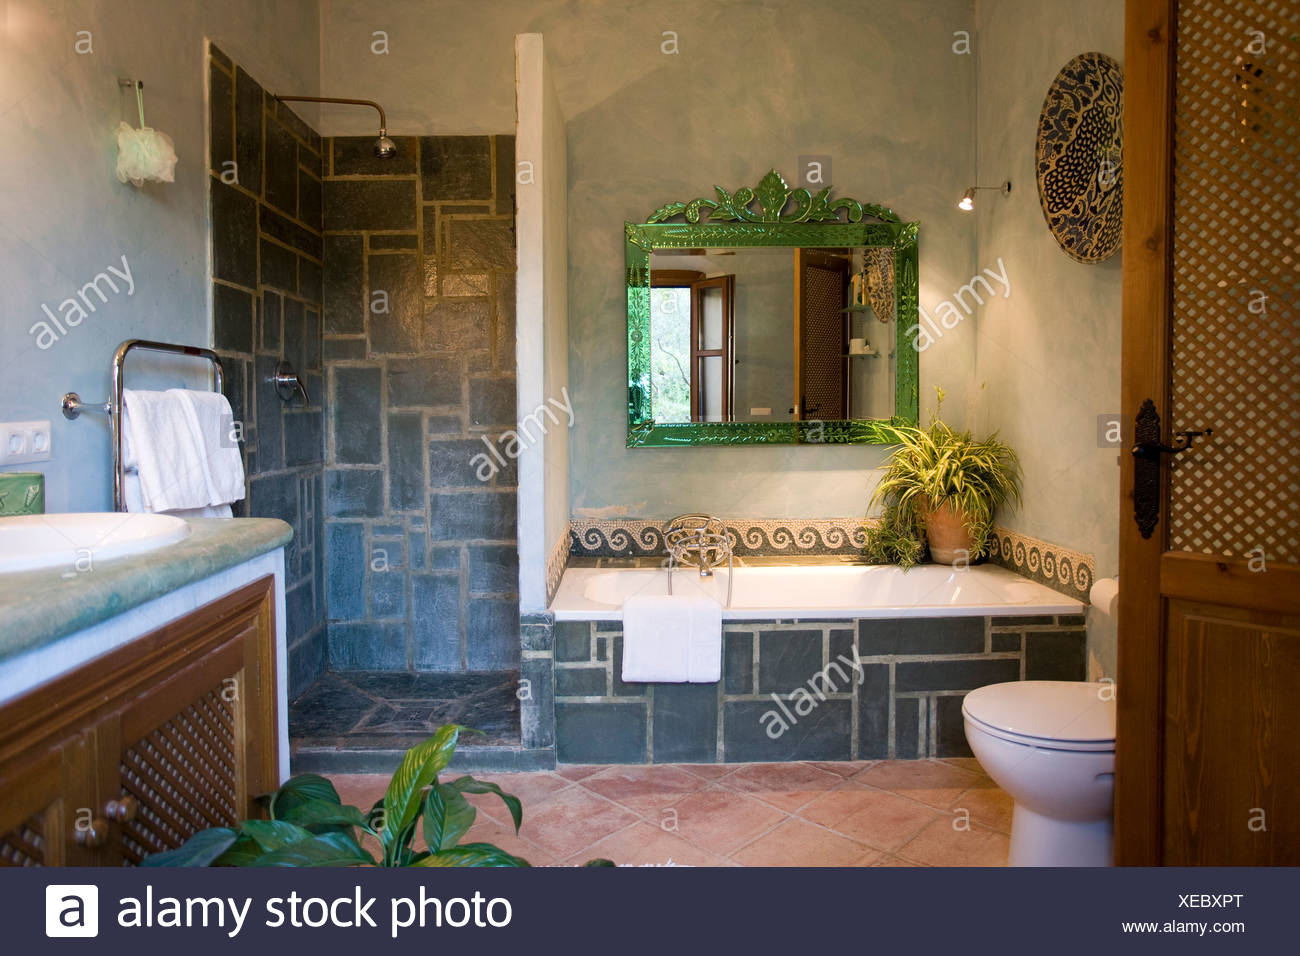 Grün gerahmte Spiegel über Bad mit Schiefer geflieste Surround im ...